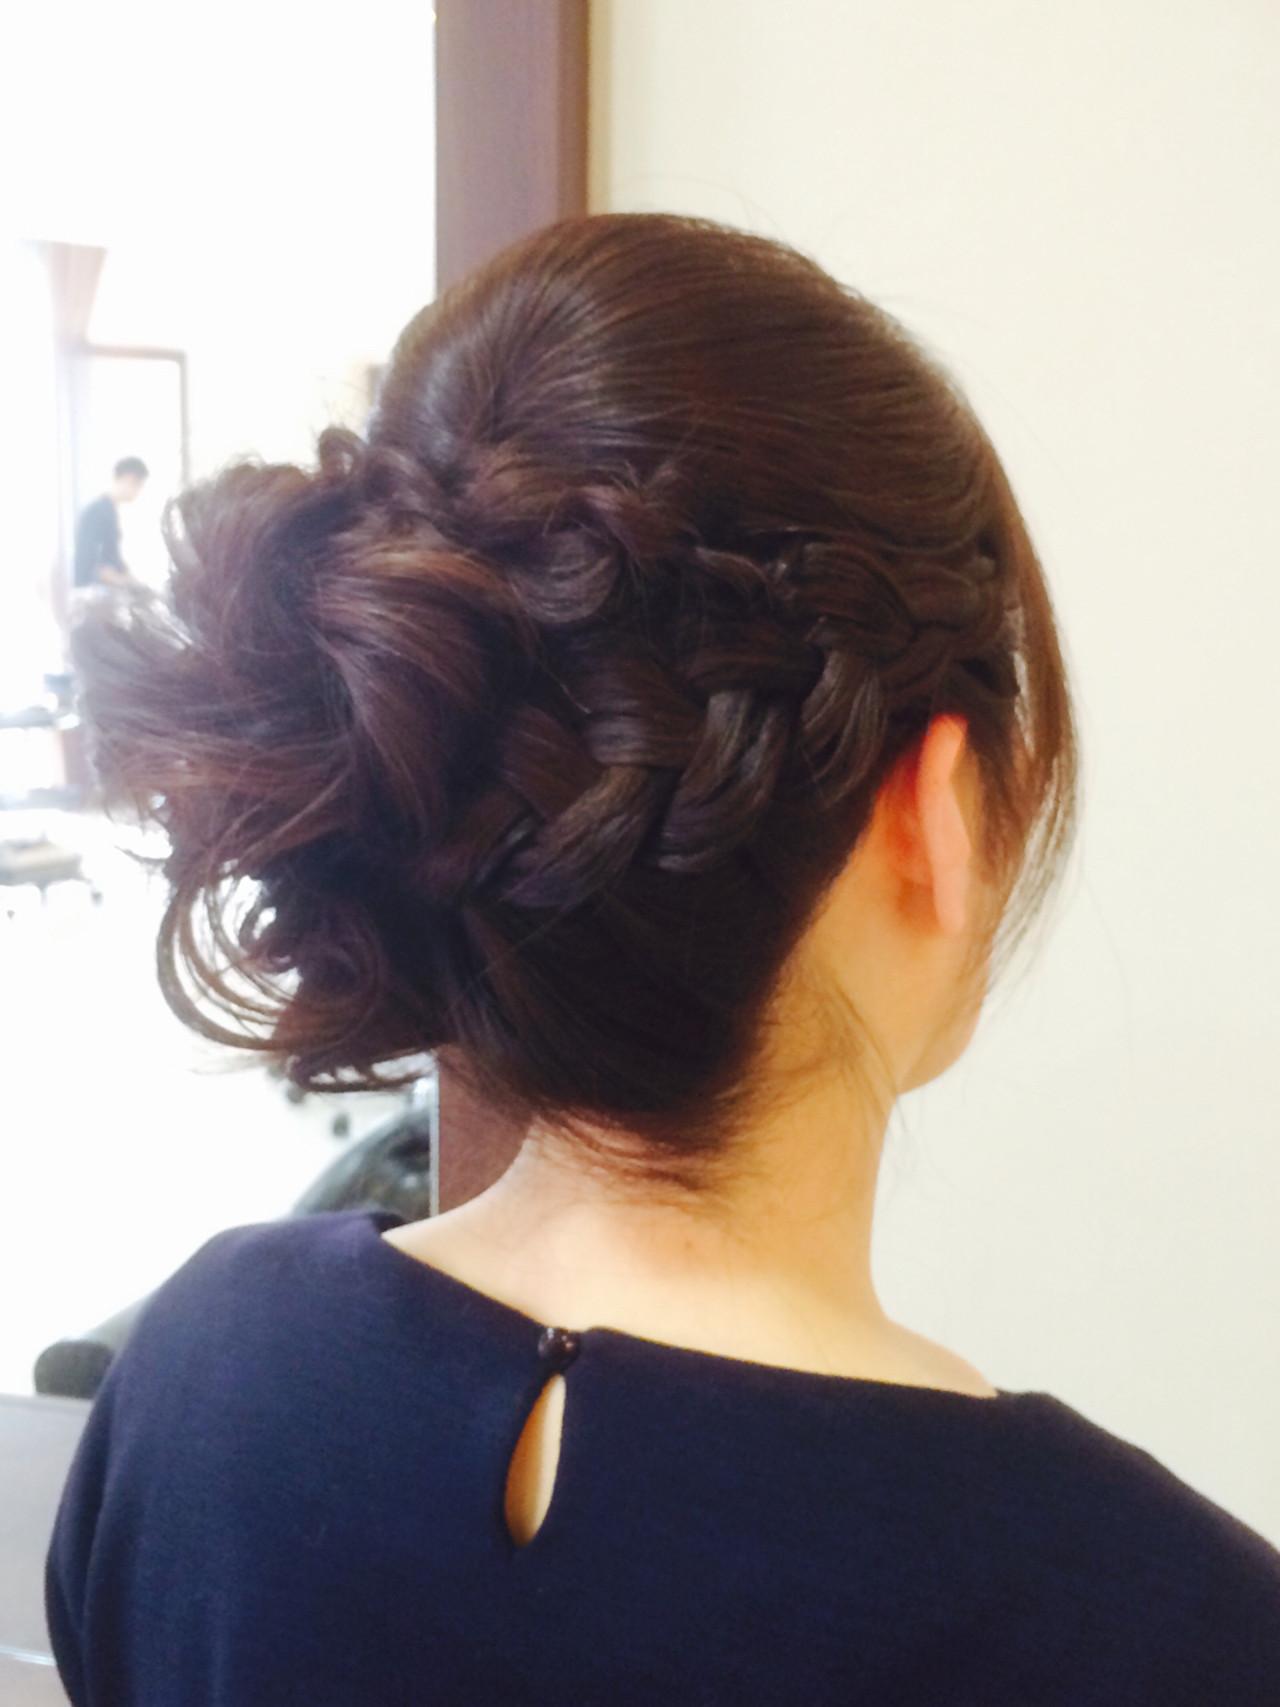 ヘアアレンジ 簡単ヘアアレンジ 編み込み 大人かわいい ヘアスタイルや髪型の写真・画像